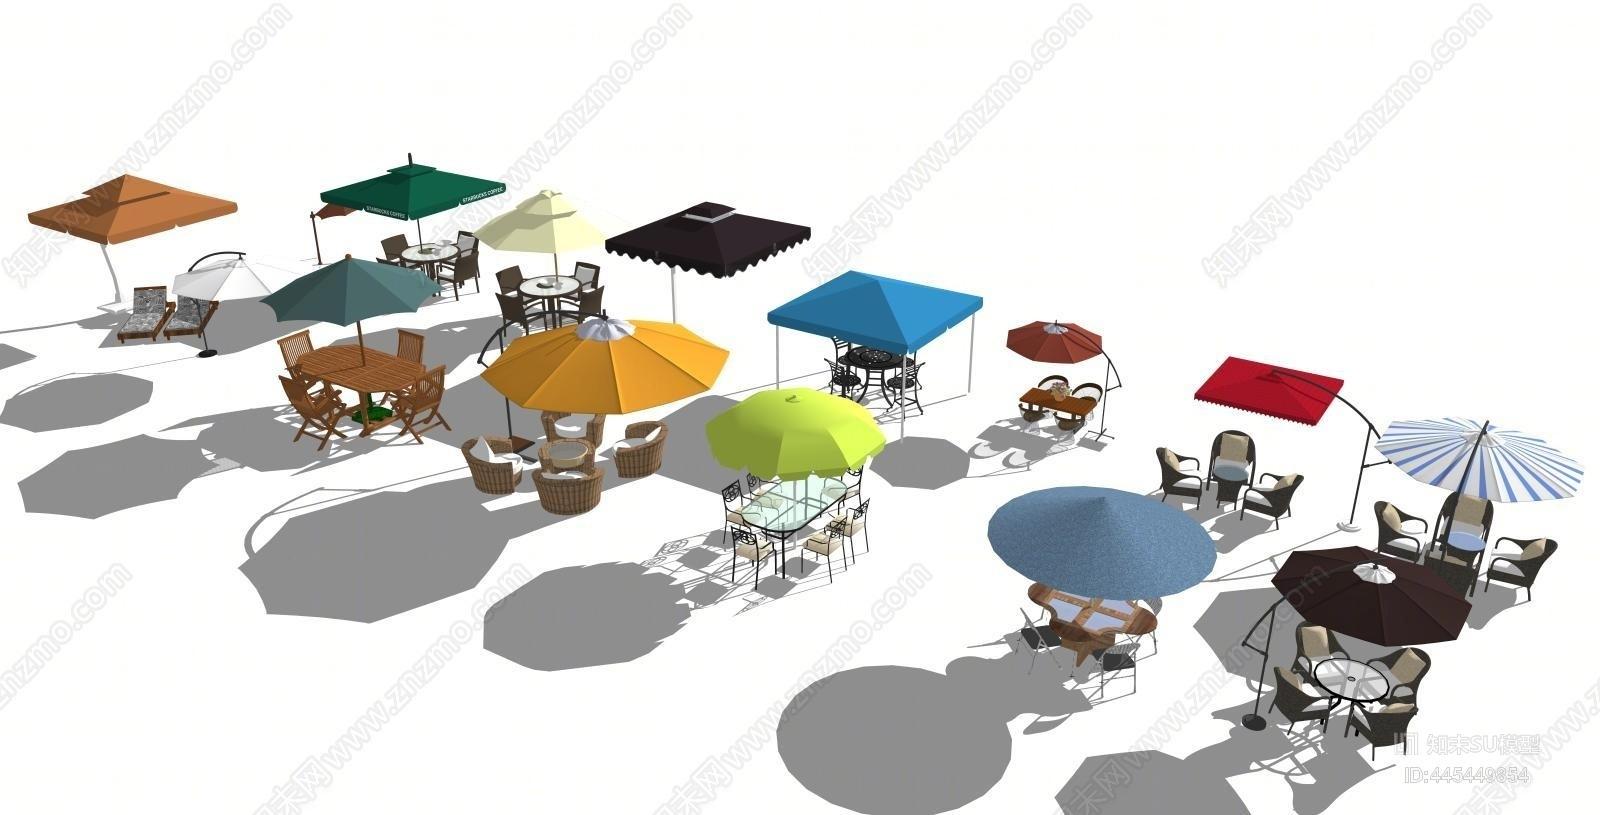 现代户外遮阳伞合集